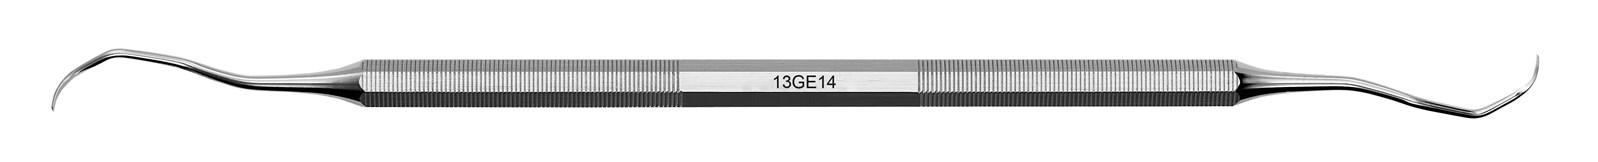 Kyreta Gracey Classic - 13GE14, ADEP silikonový návlek světle modrý